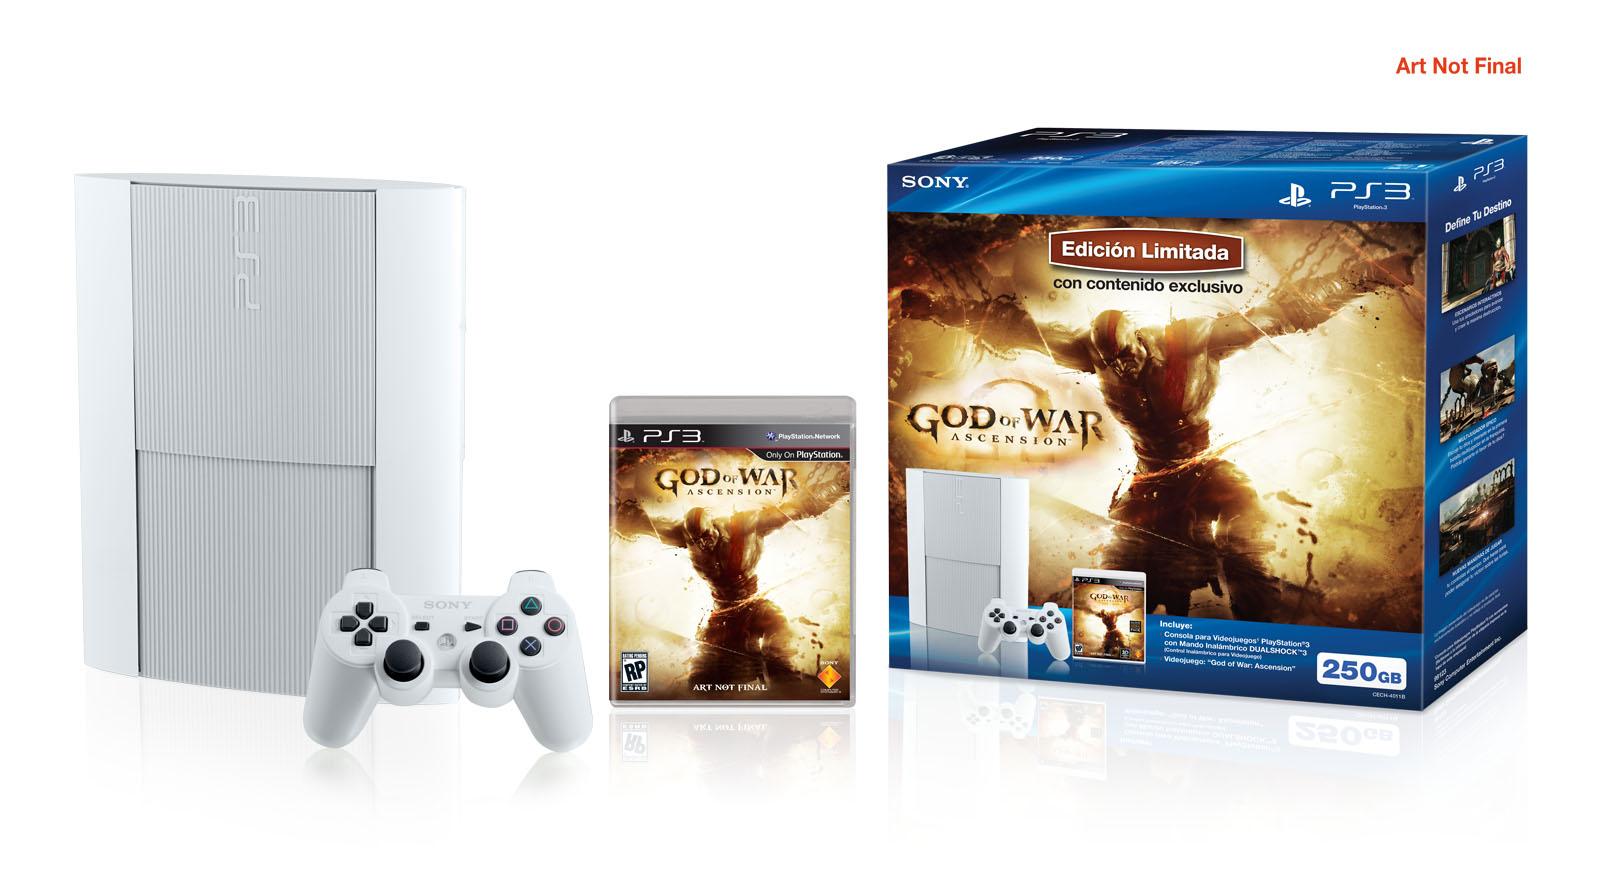 [BRASIL GAME SHOW 2012] Destaques da Coletiva de PlayStation na BGS 2012 8077022687_a6e8efbb24_h